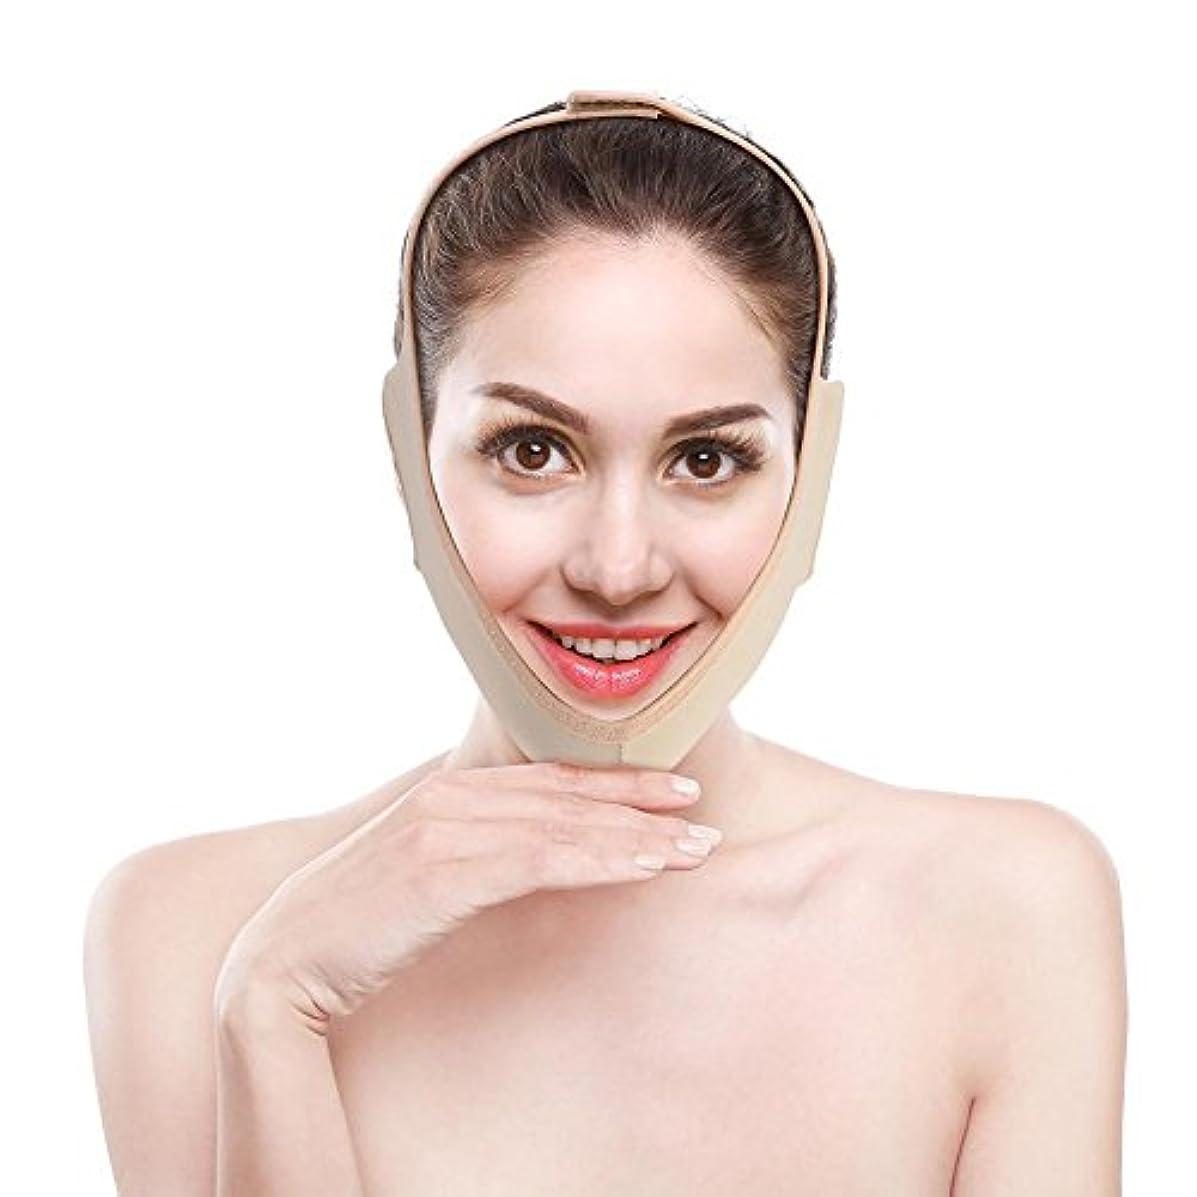 顔の輪郭を改善するVフェイス包帯、フェイスリフト用フェイスマスク、通気性/伸縮性/非変形性(M)